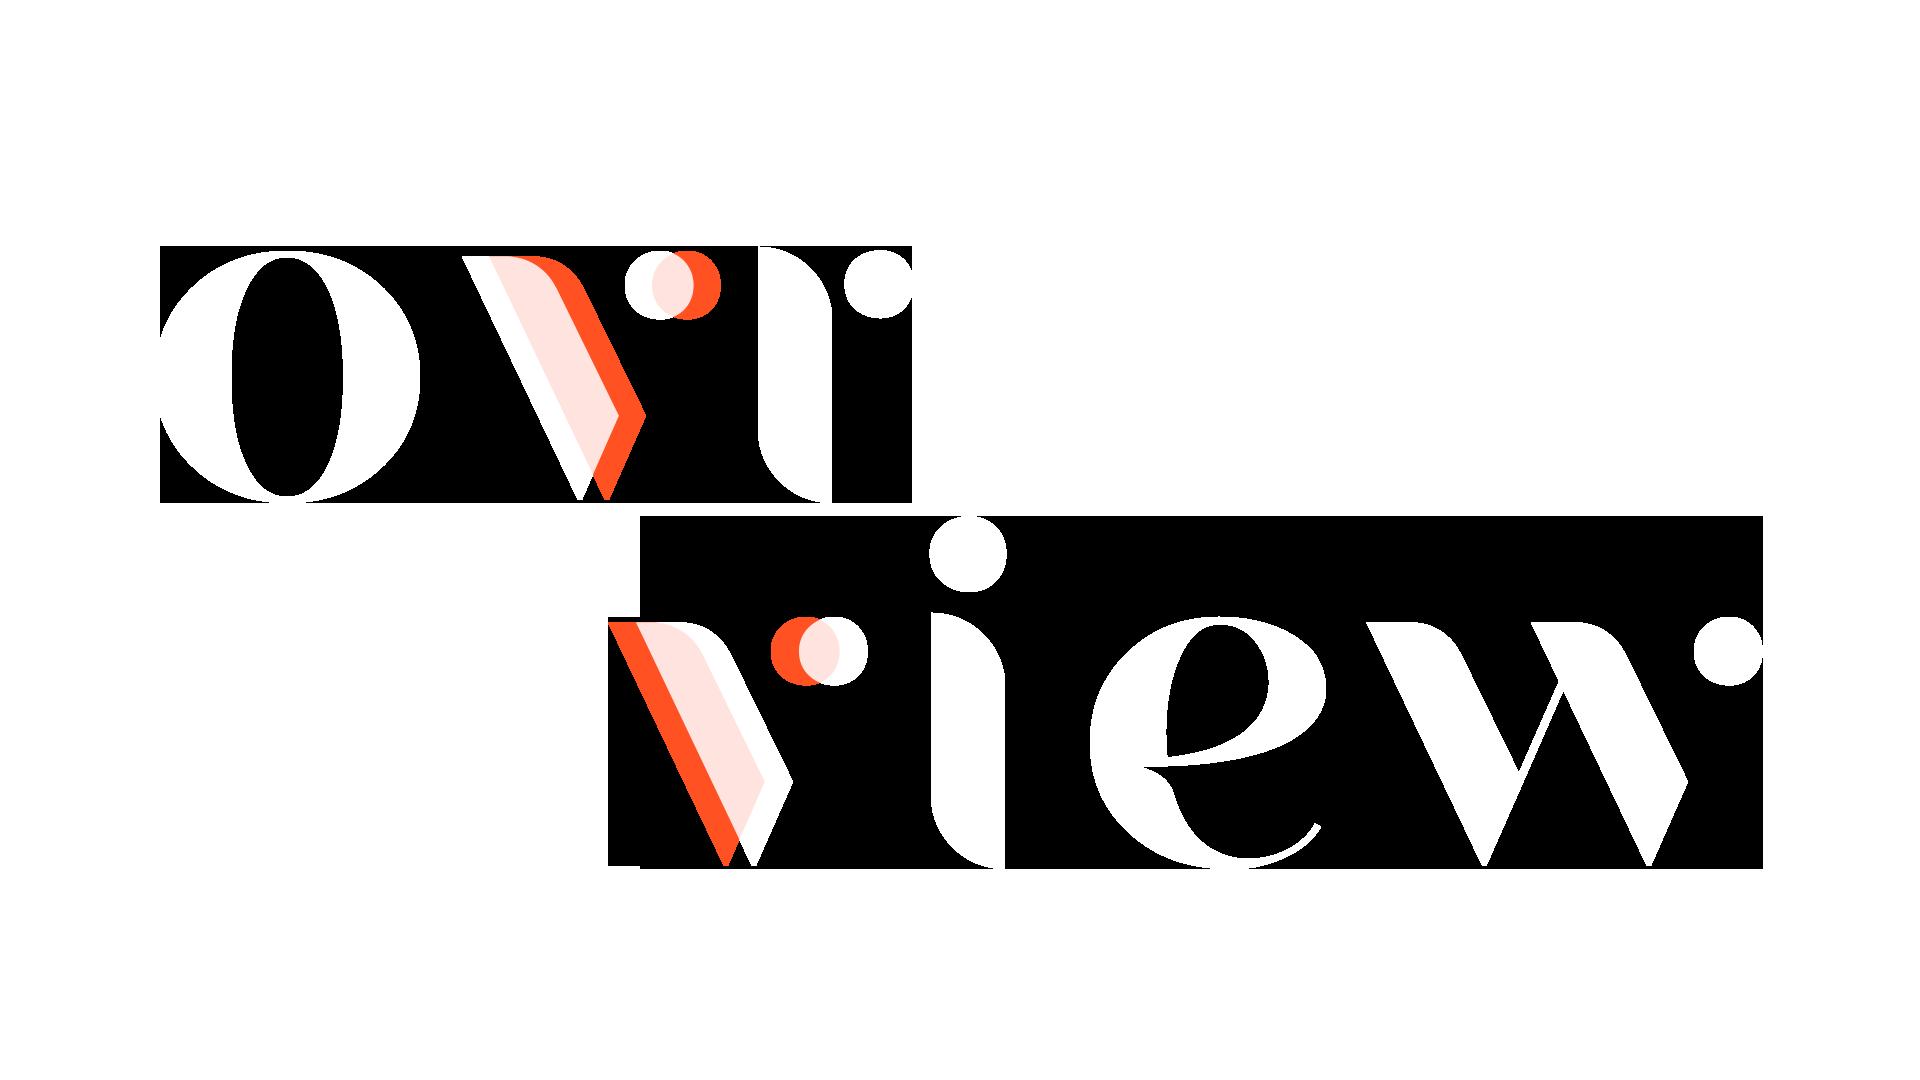 Ovrview